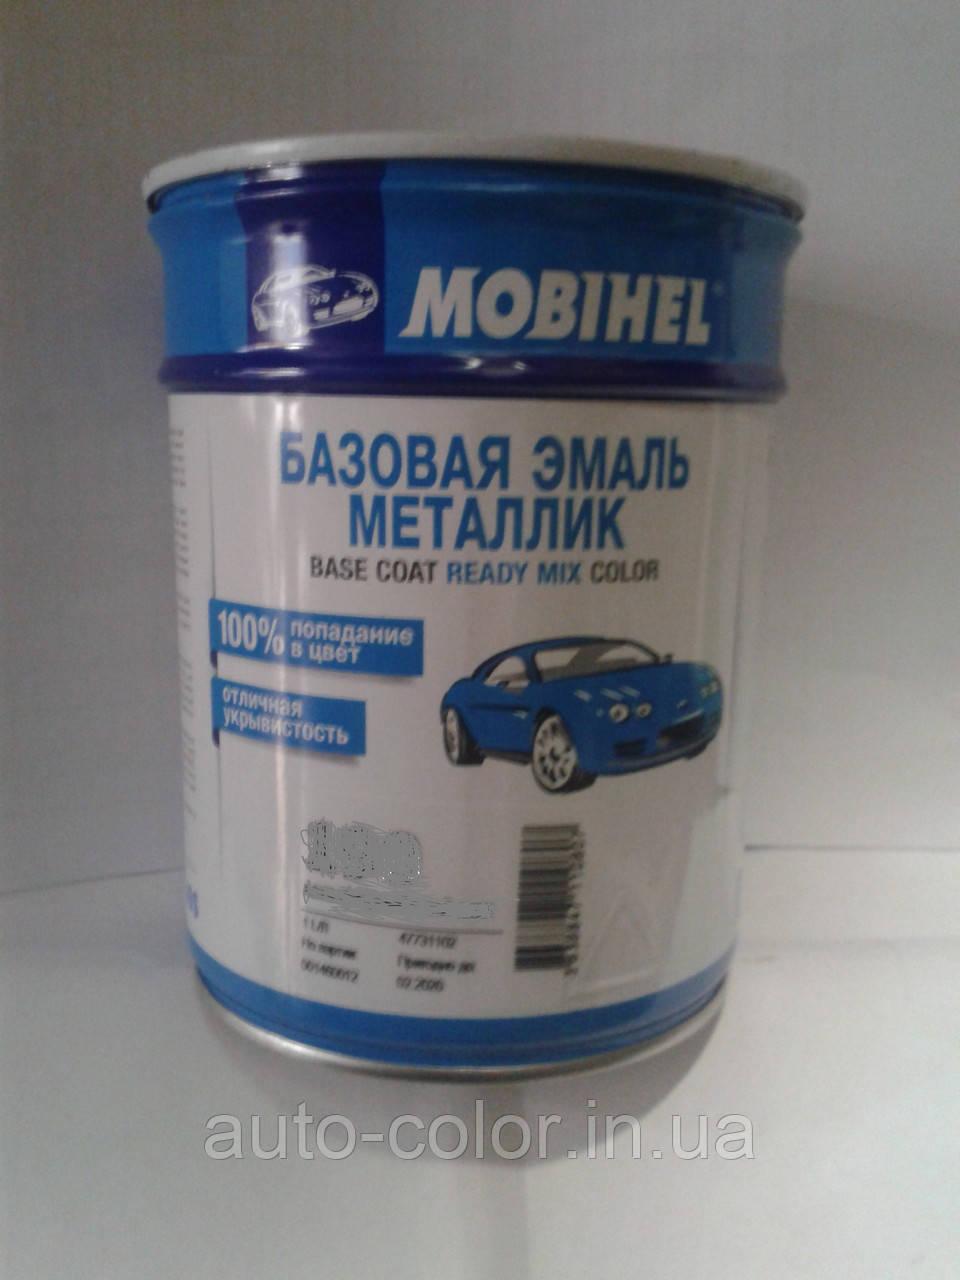 Автоемаль базова металік Mobihel 453 Капрі 1л